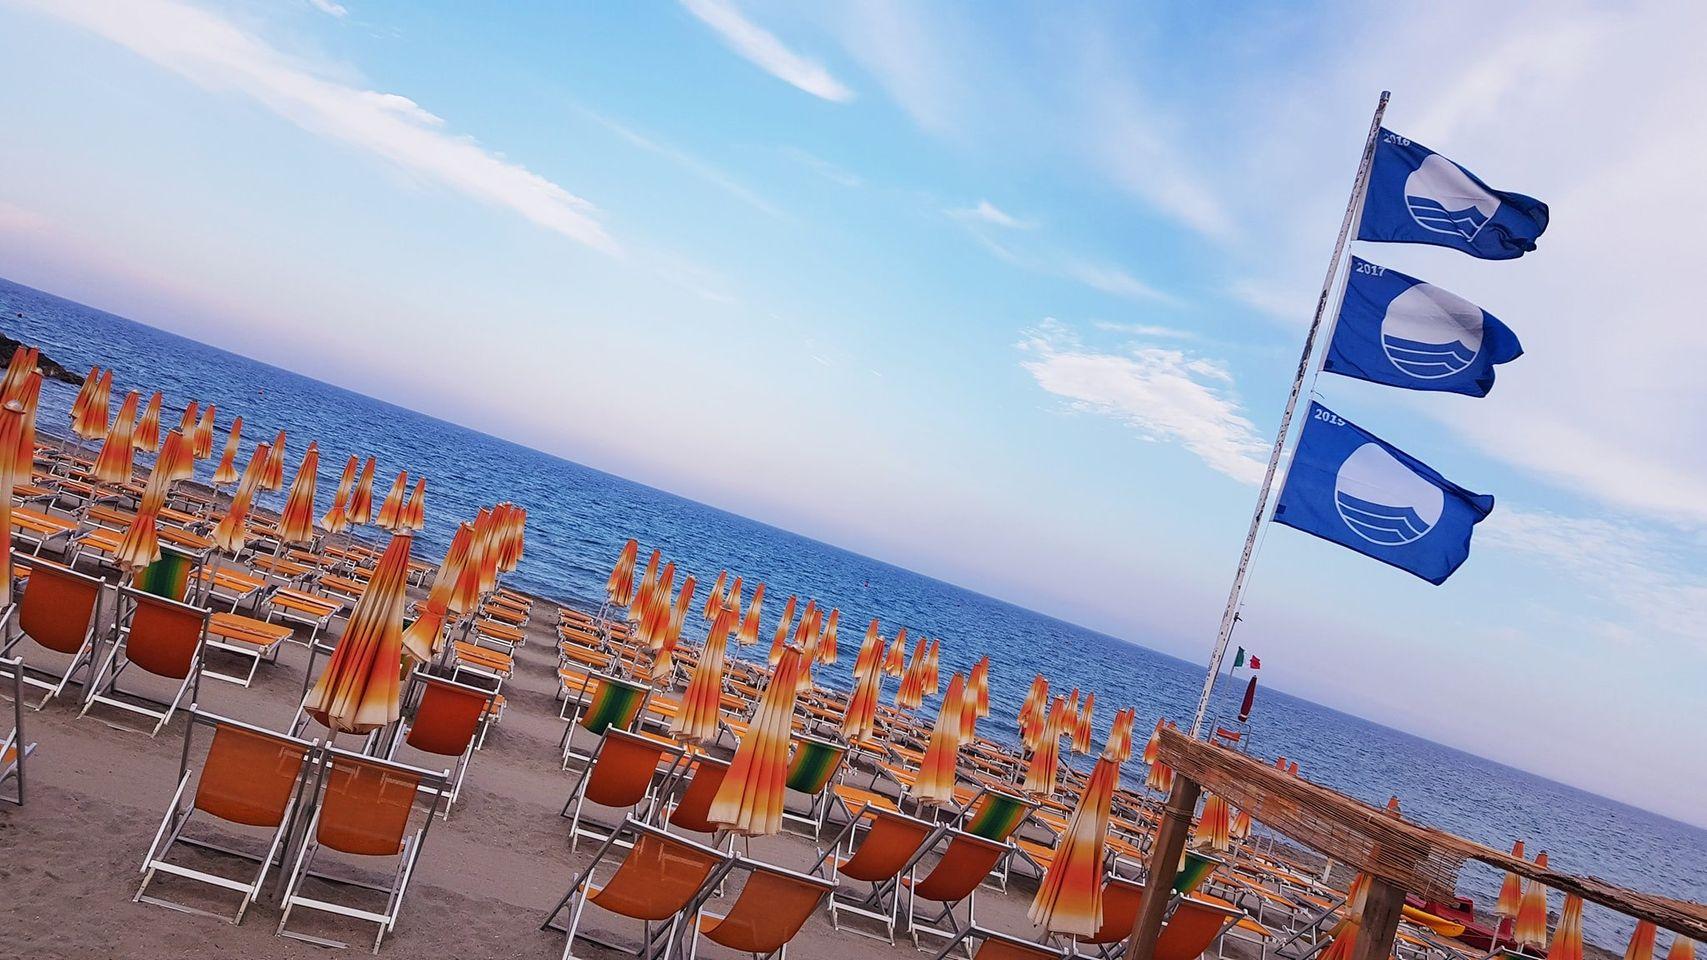 Spiaggia Libera Attrezzata Acque Basse